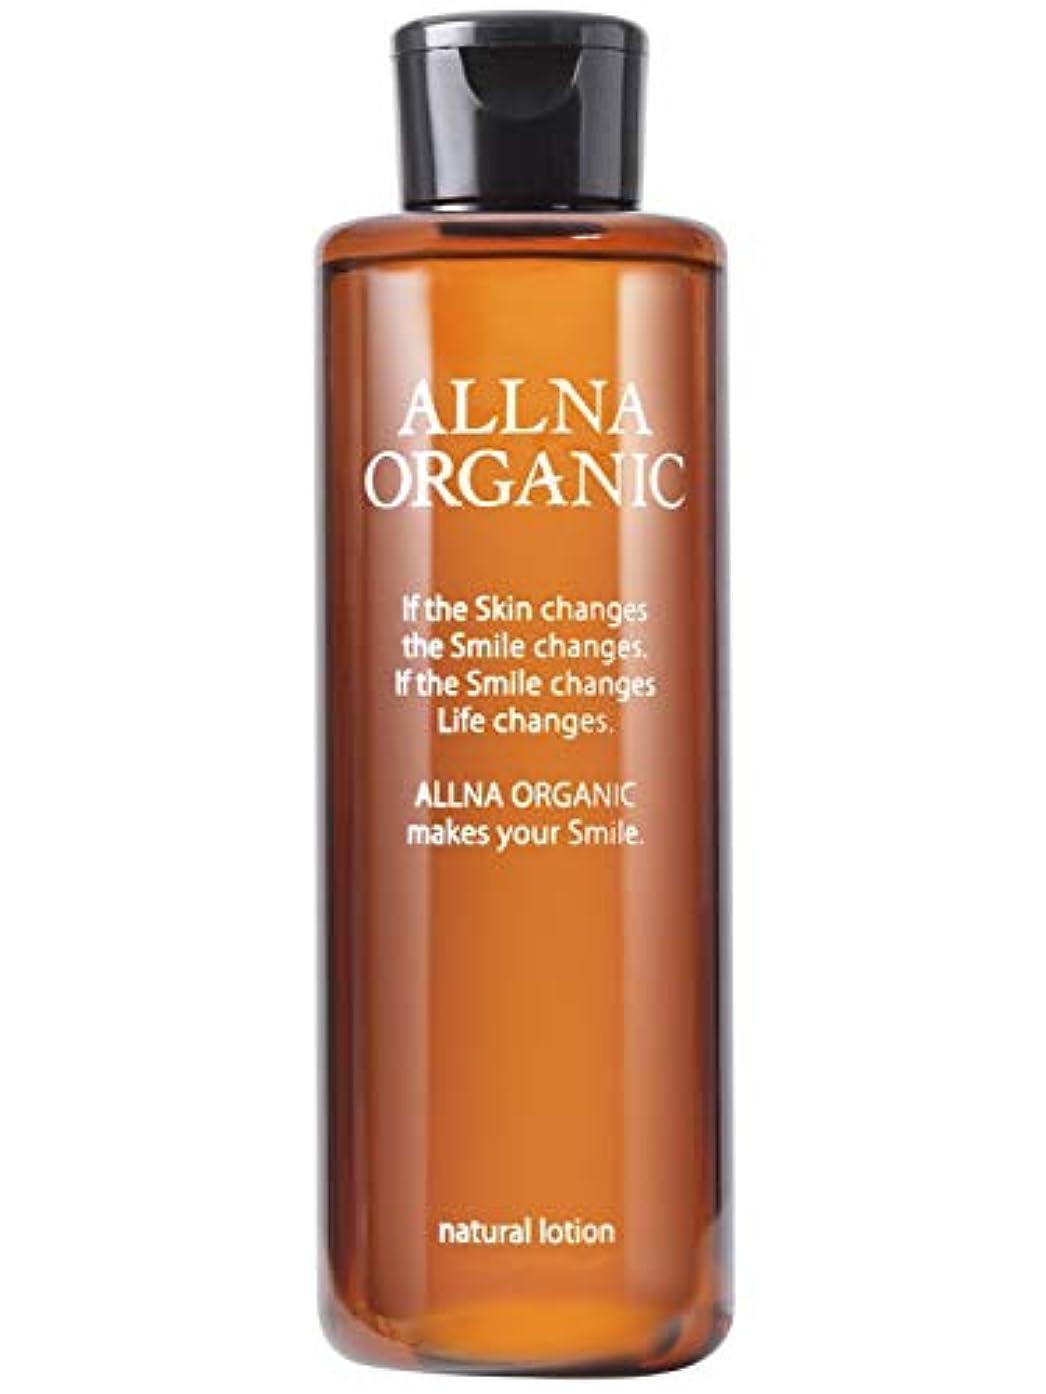 ご注意思い出させる最初オルナ オーガニック 化粧水 「 保湿 乾燥 かさつき 用」「 コラーゲン ビタミンC誘導体 ヒアルロン酸 セラミド 配合」200ml